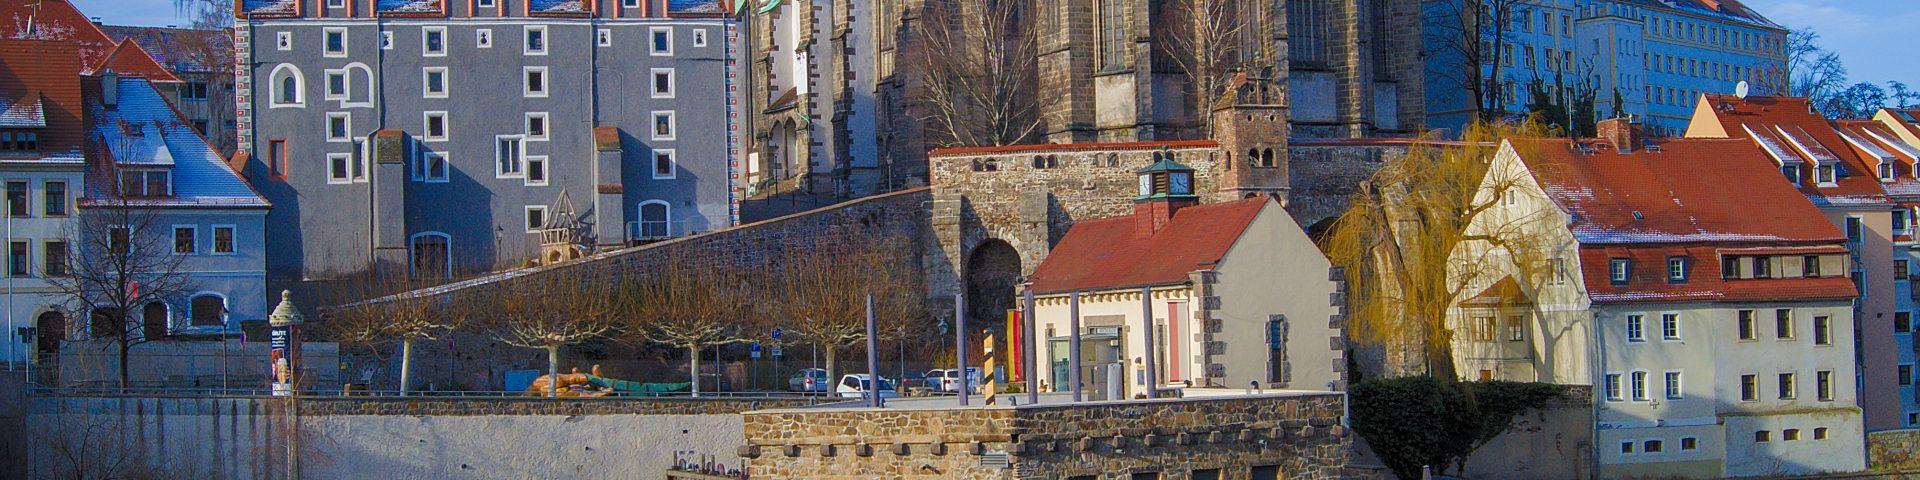 zurück in Deutschland Görlitz Görlitz mit Kindern Peterskirche gesehen von der polnischen Seite